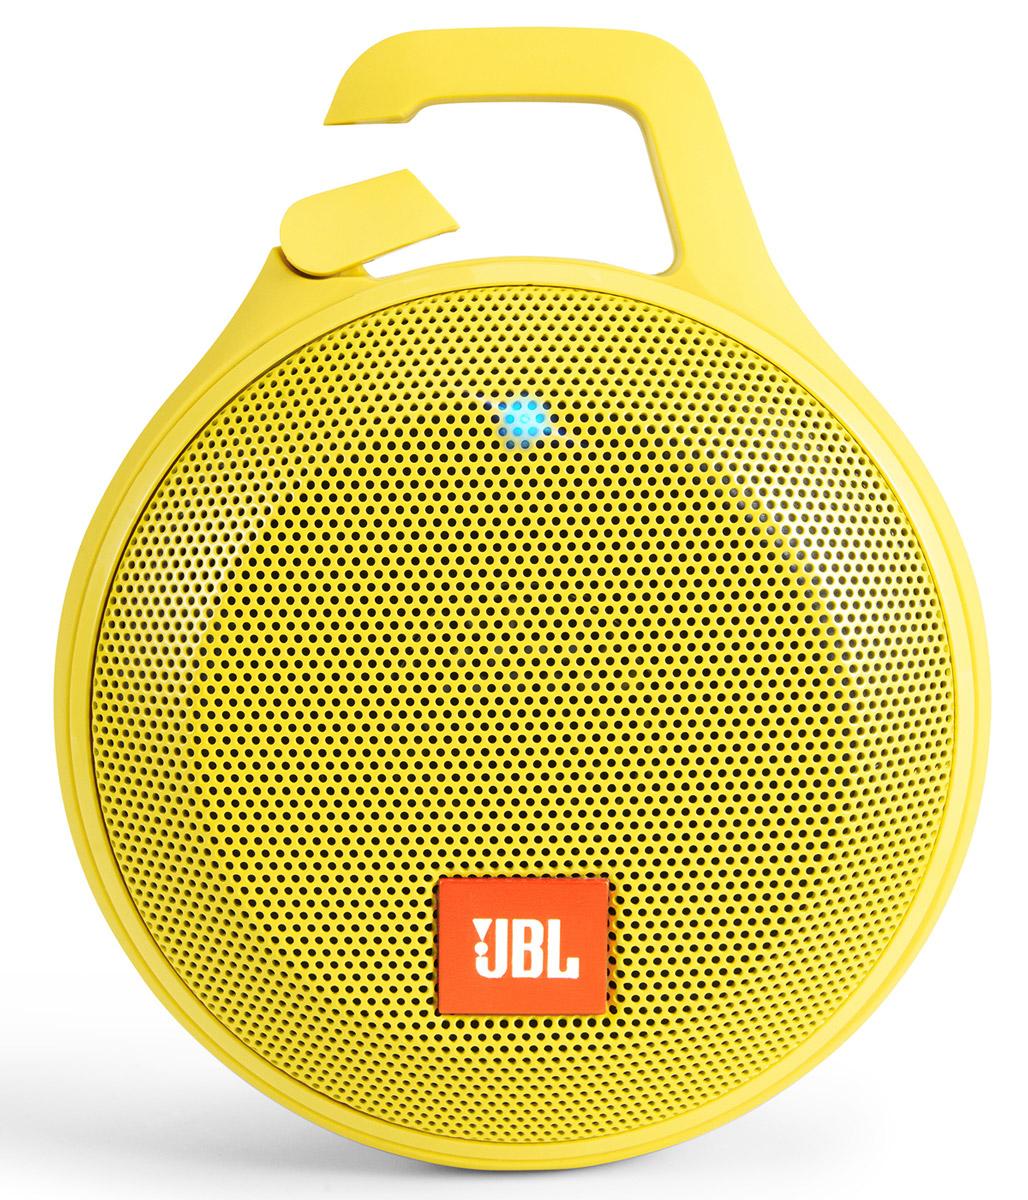 JBL Clip+, Yellow портативная акустическая системаJBLCLIPPLUSYELJBL Clip+ – это сверхлегкий, сверхпрочный и сверхмощный портативный динамик. JBL Clip+ с добавленной защитой от брызг предлагает пользователю 5 часов автономной работы, так что вы сможете взять свою музыку куда угодно на земле и на воде. Выполняйте беспроводную потоковую передачу музыки по Bluetooth или подключите динамик к любому смартфону или планшету с помощью встроенного аудиокабеля. Используйте спикерфон для четкой телефонной связи без шумов и эха. Модель JBL Clip+ оснащена встроенным креплением-карабином, который позволяет цеплять динамик на одежду или рюкзак и брать его с собой в походы и поездки.